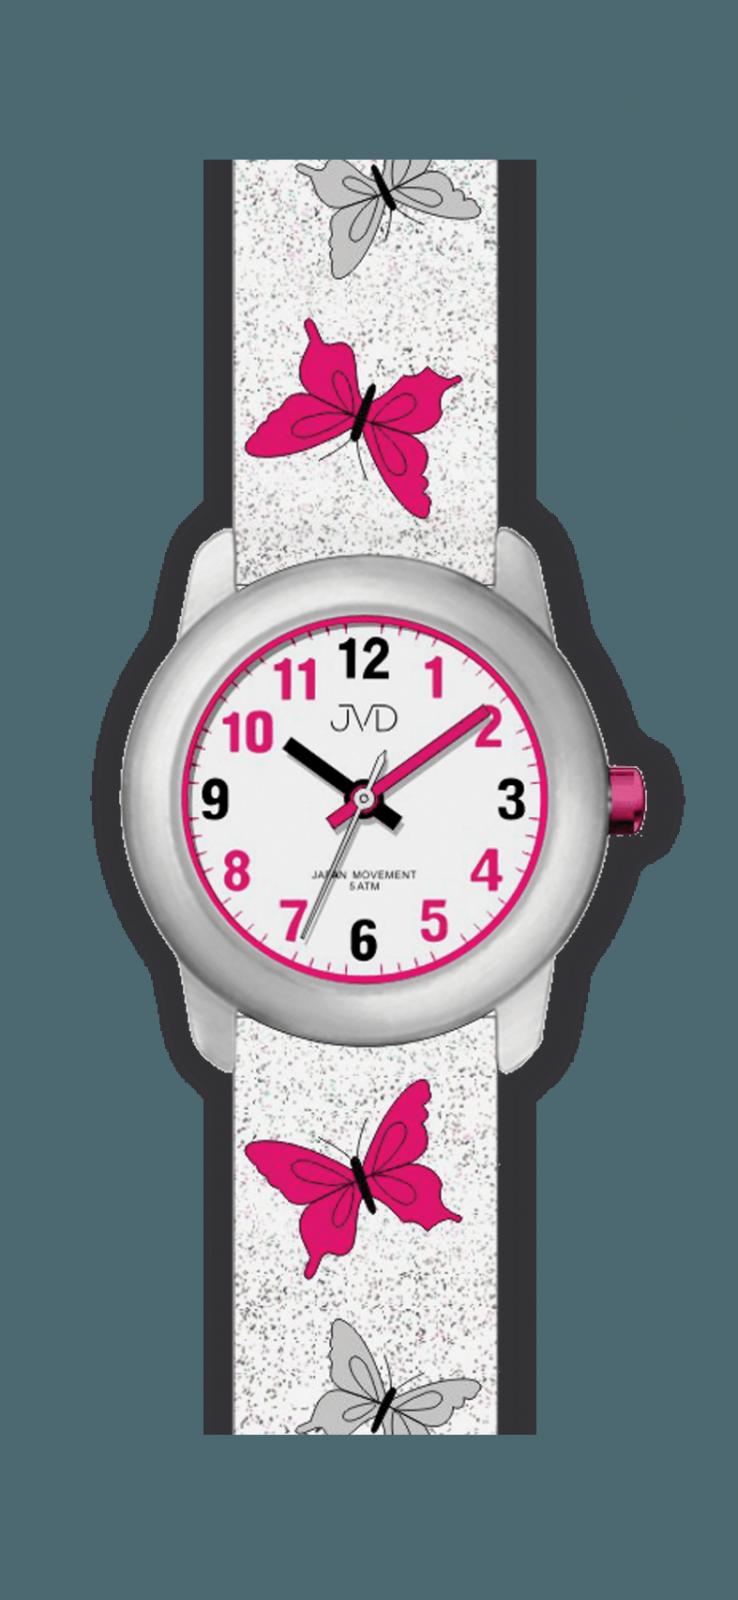 JVD Náramkové dívčí hodinky, dětské hodinky pro holky J7142.5.3